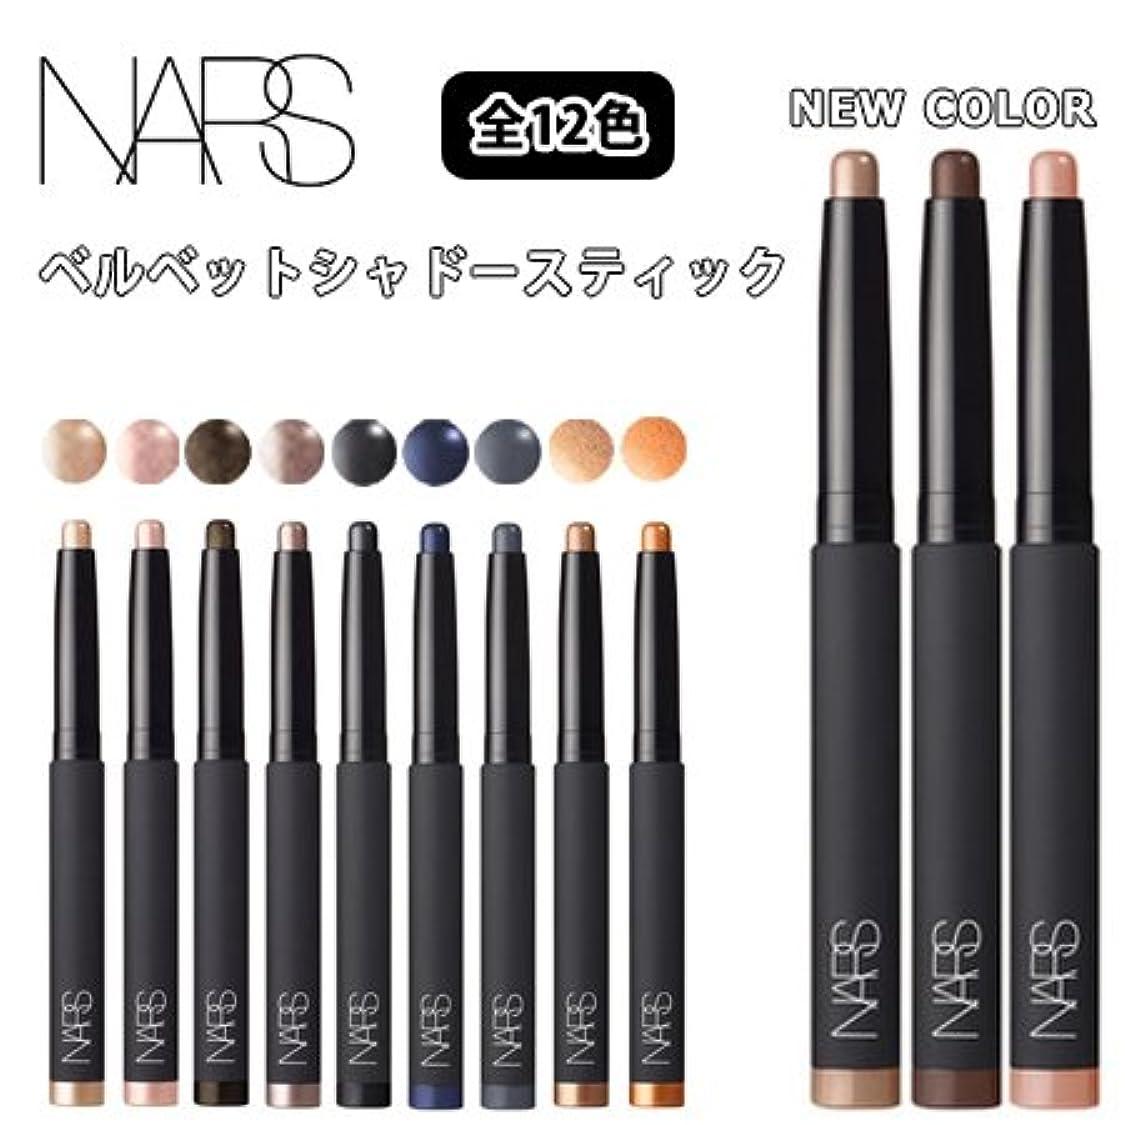 ナーズ ベルベット シャドースティック 全12色 -NARS- 【並行輸入品】 8257